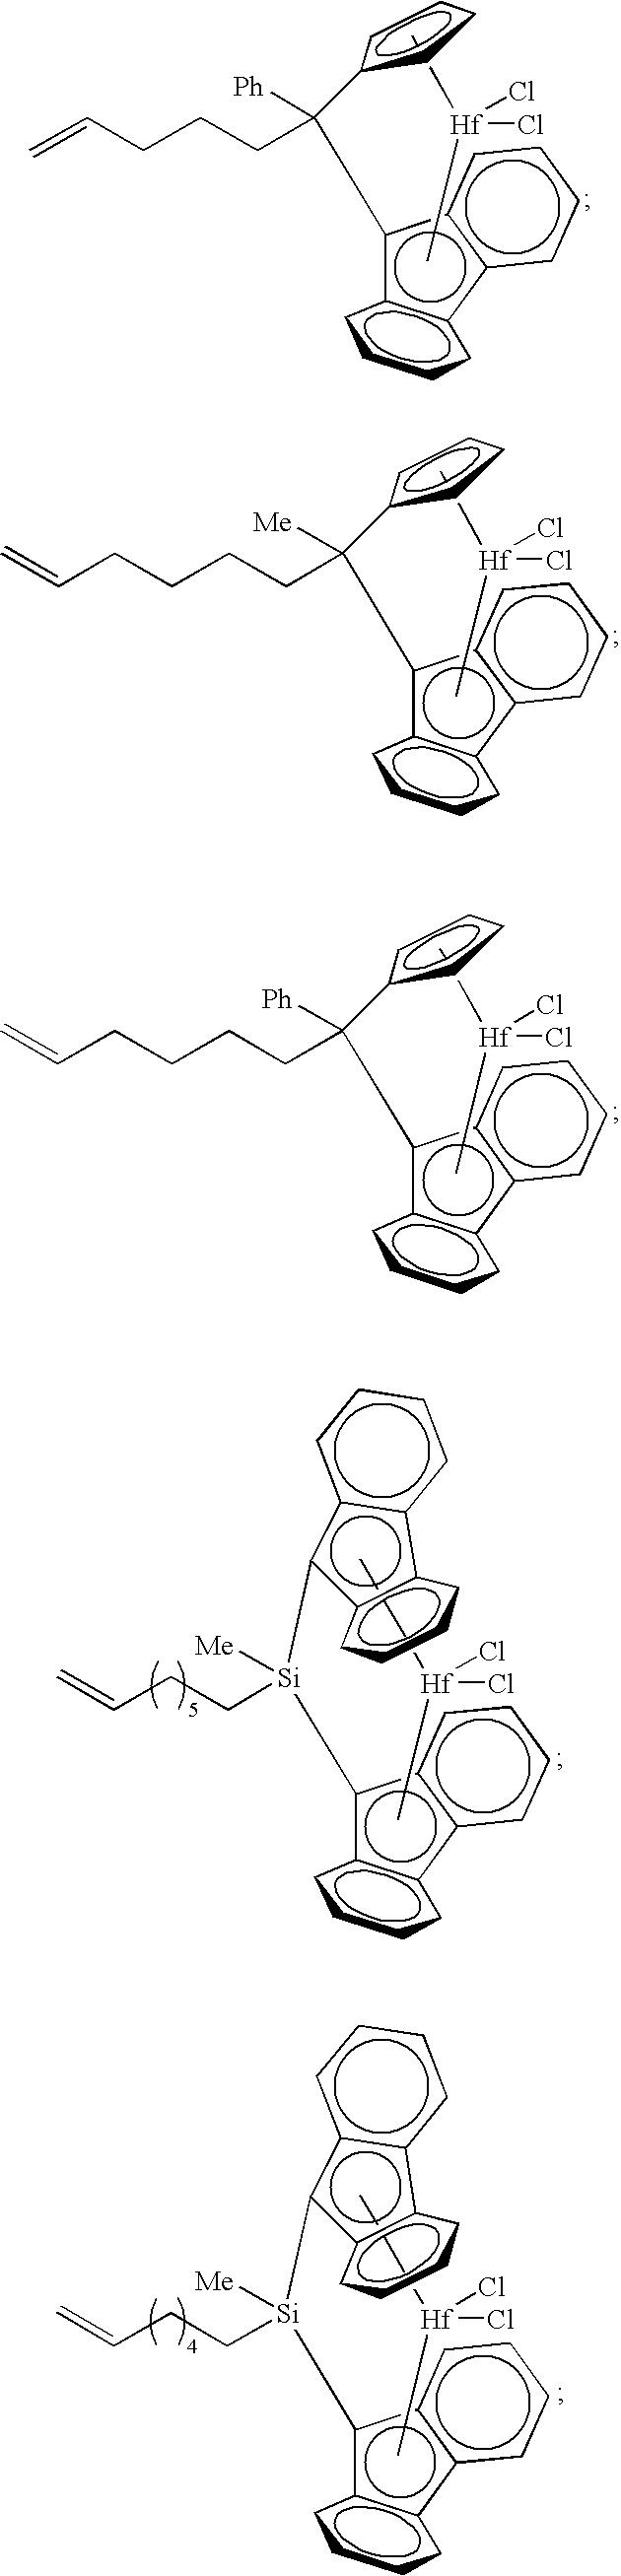 Figure US07226886-20070605-C00015